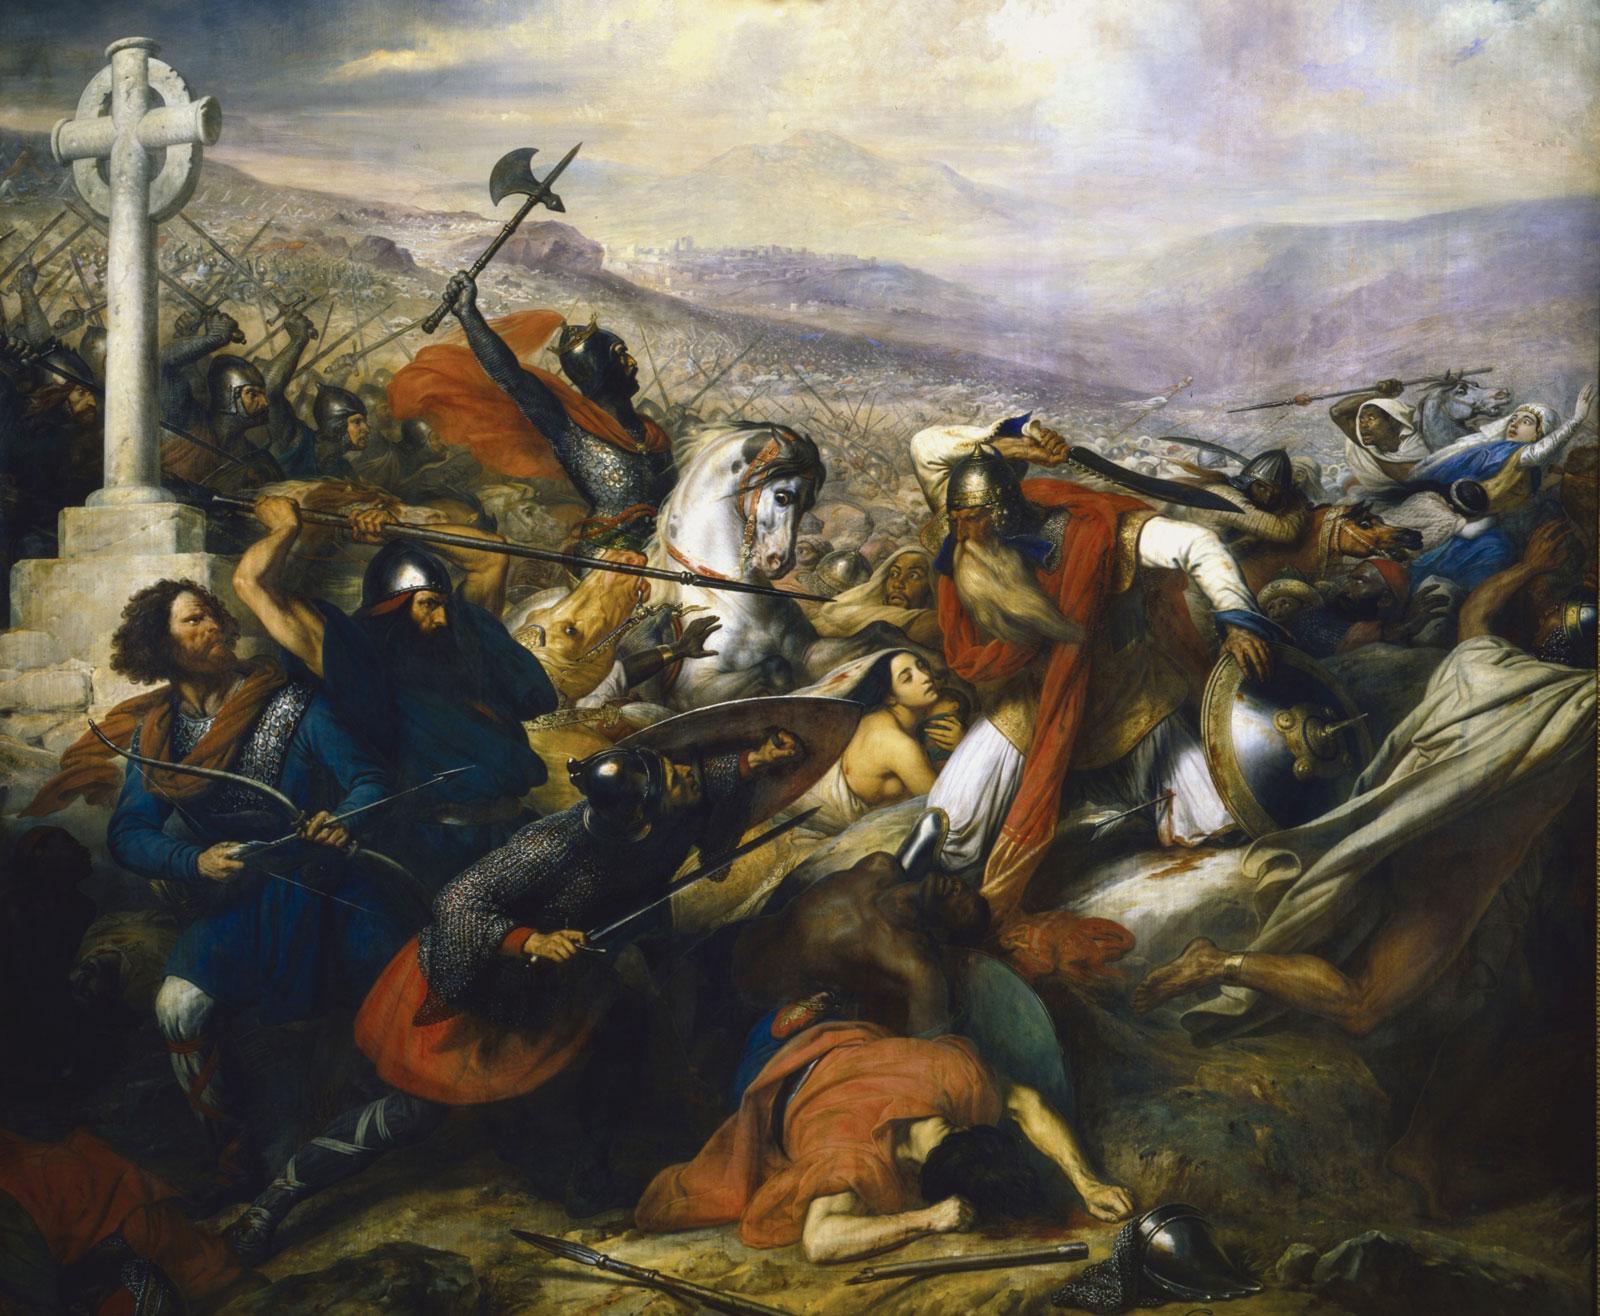 معركة بلاط الشهداء، مصدر الصورة: ويكيبيديا